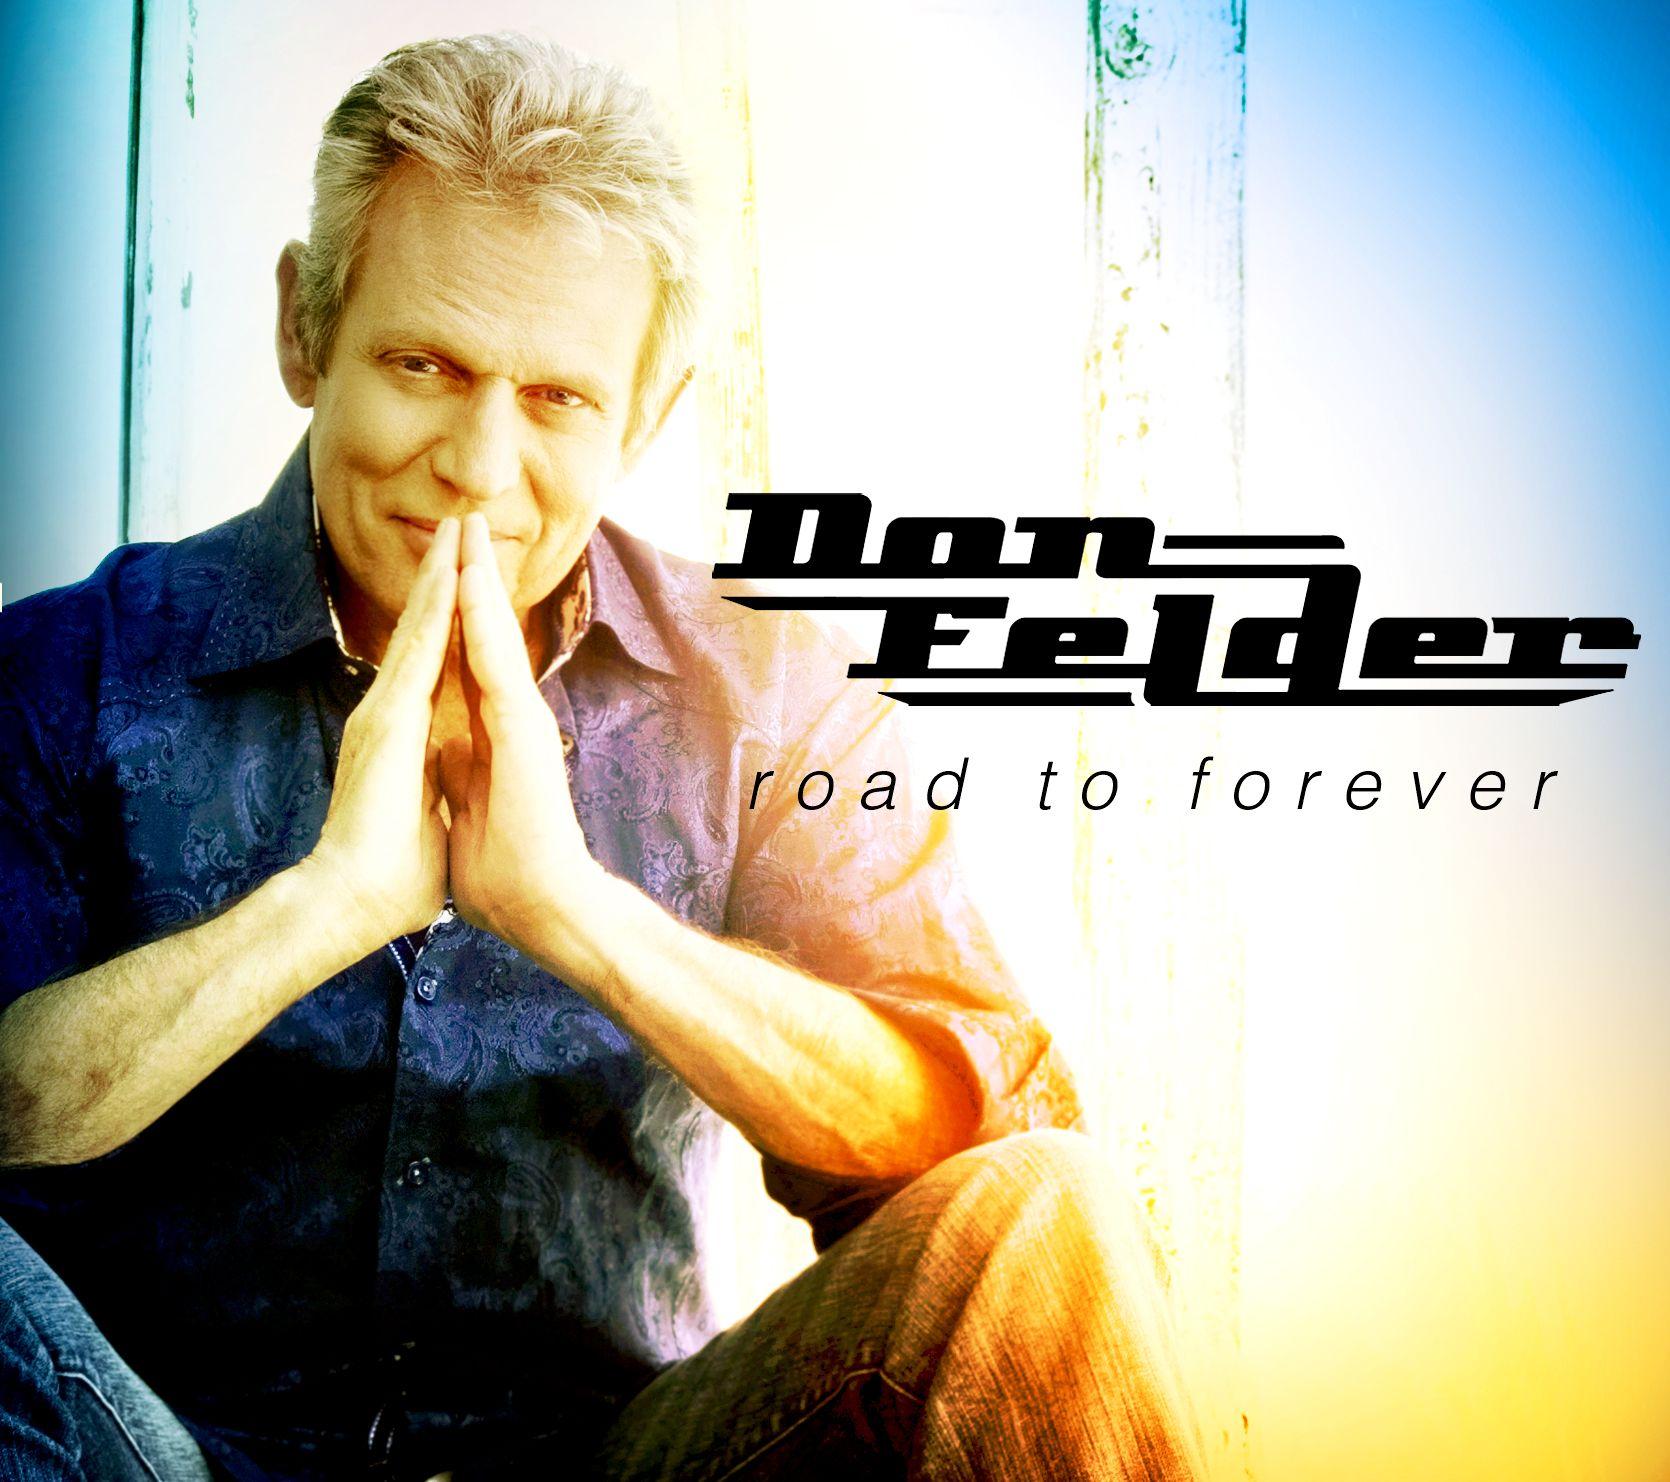 2012 Don Felder – Road To Forever